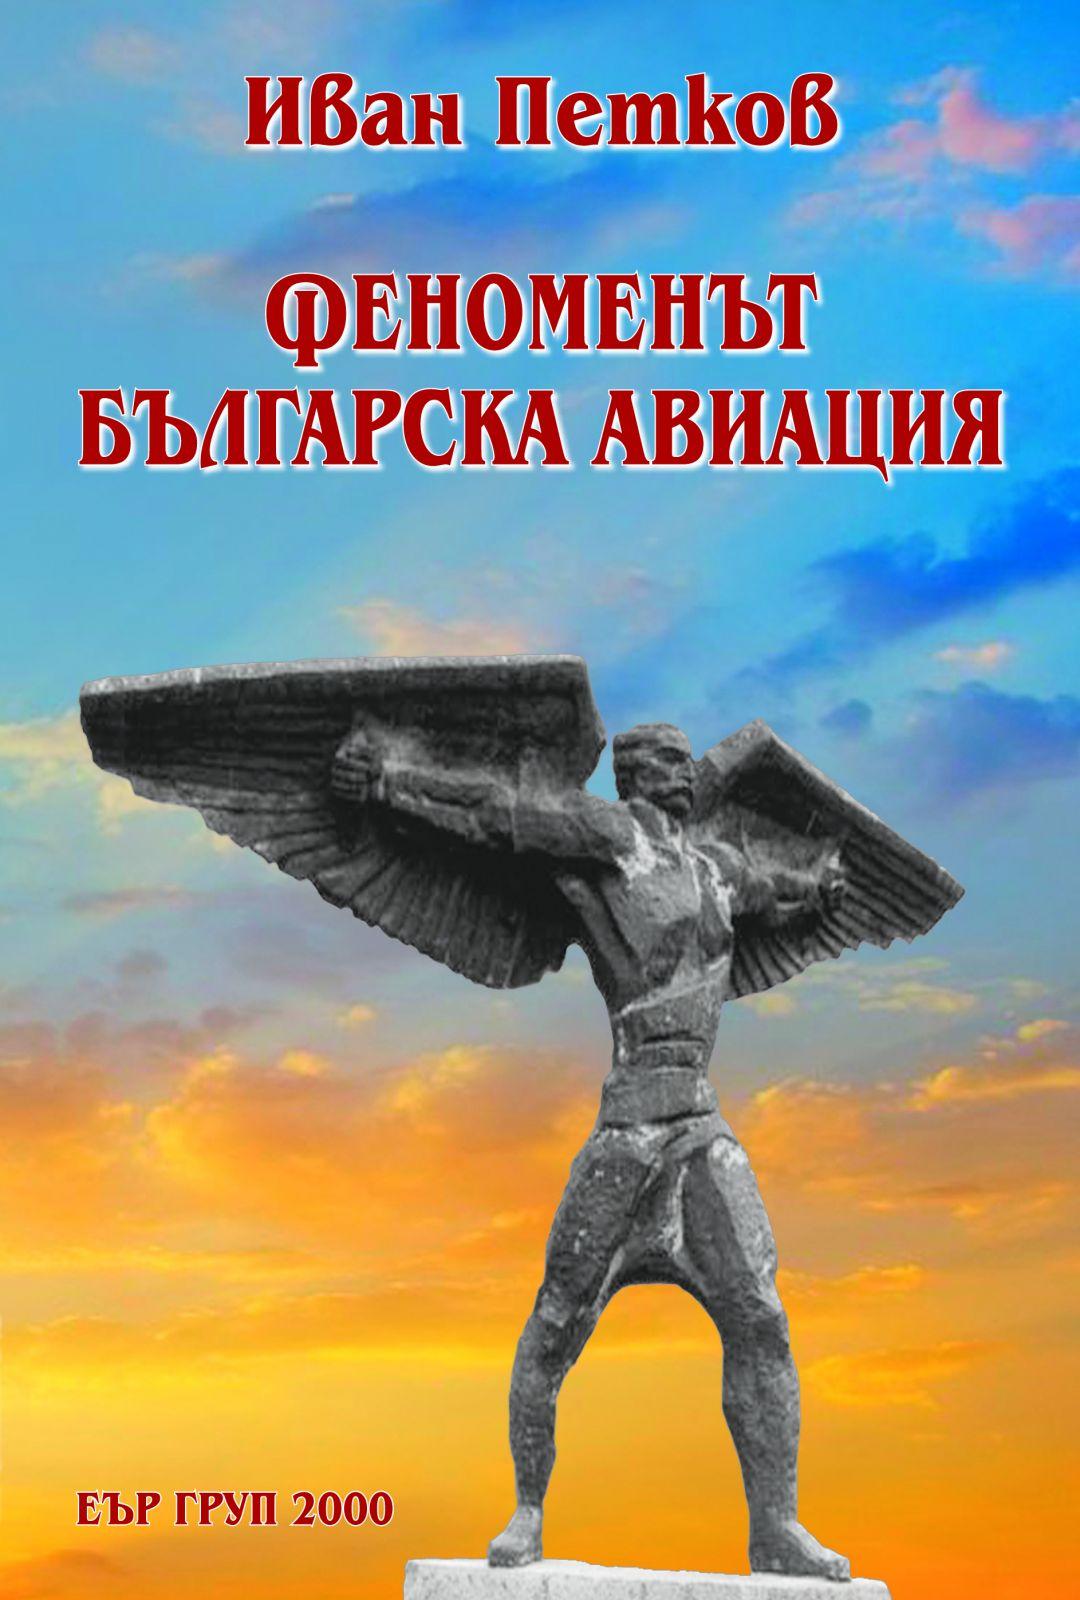 """ПОКАНА: АВИАЦИОННИЯТ АВТОР ИВАН ПЕТКОВ ПРЕДСТАВЯ НОВА КНИГА """"ФЕНОМЕНЪТ БЪЛГАРСКА АВИАЦИЯ"""""""